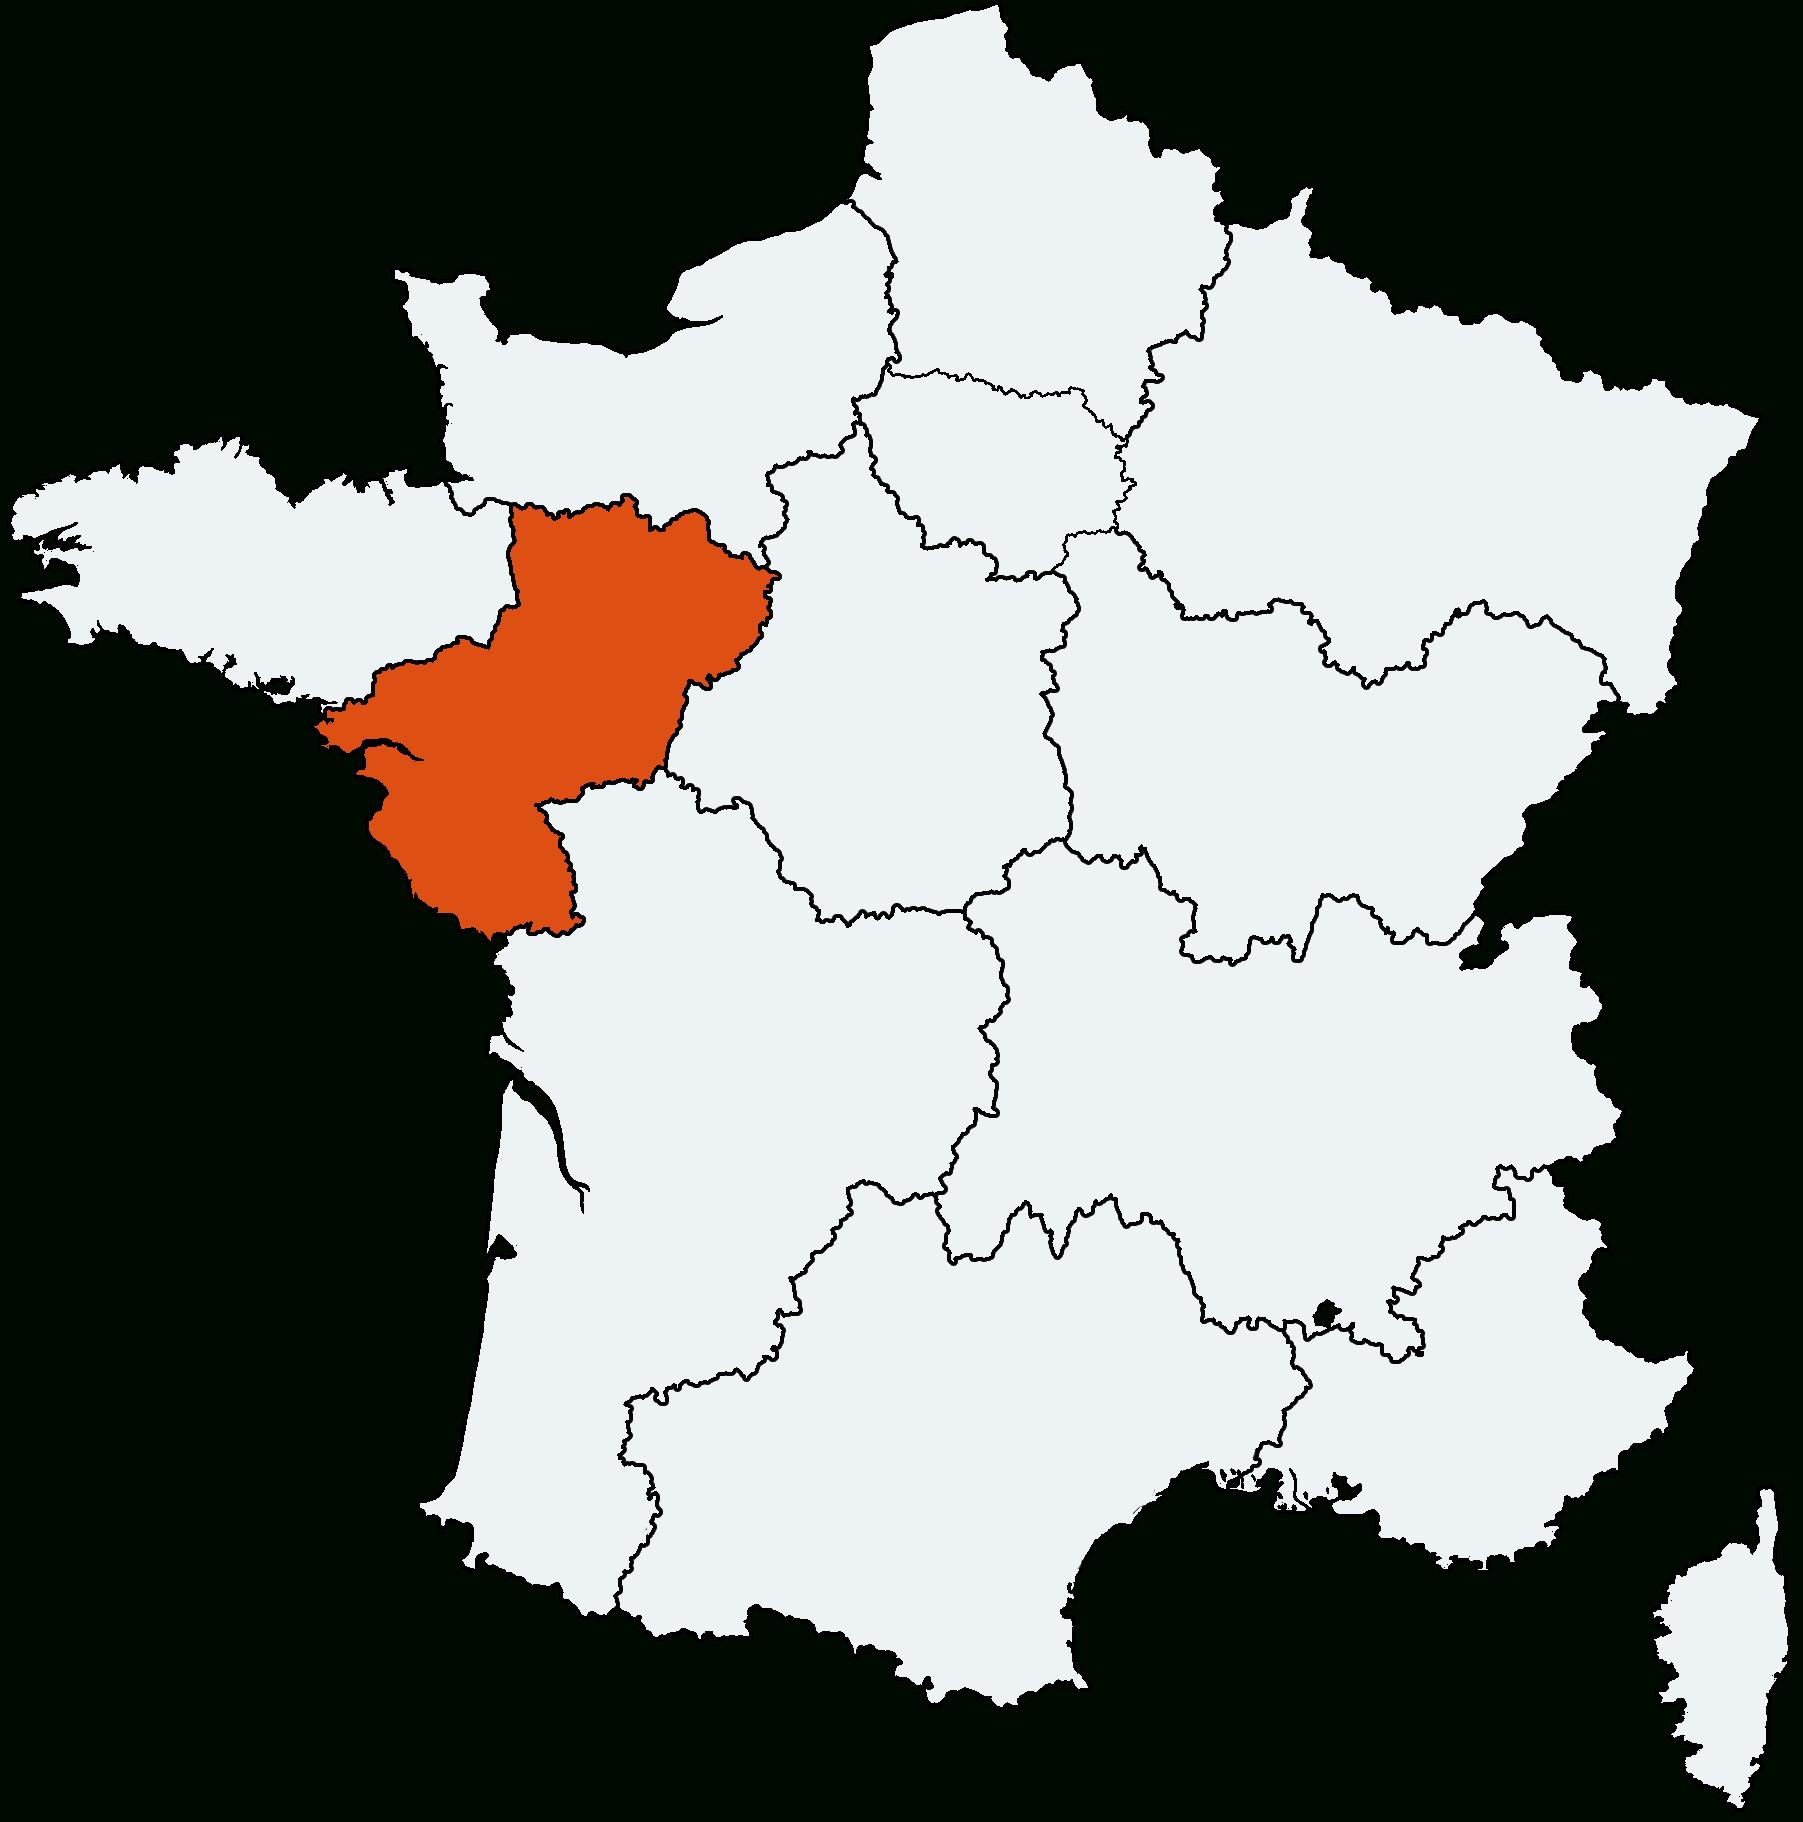 Carte Des 13 Régions Métropolitaines - Cartes À Mémoriser concernant Carte Des 13 Régions